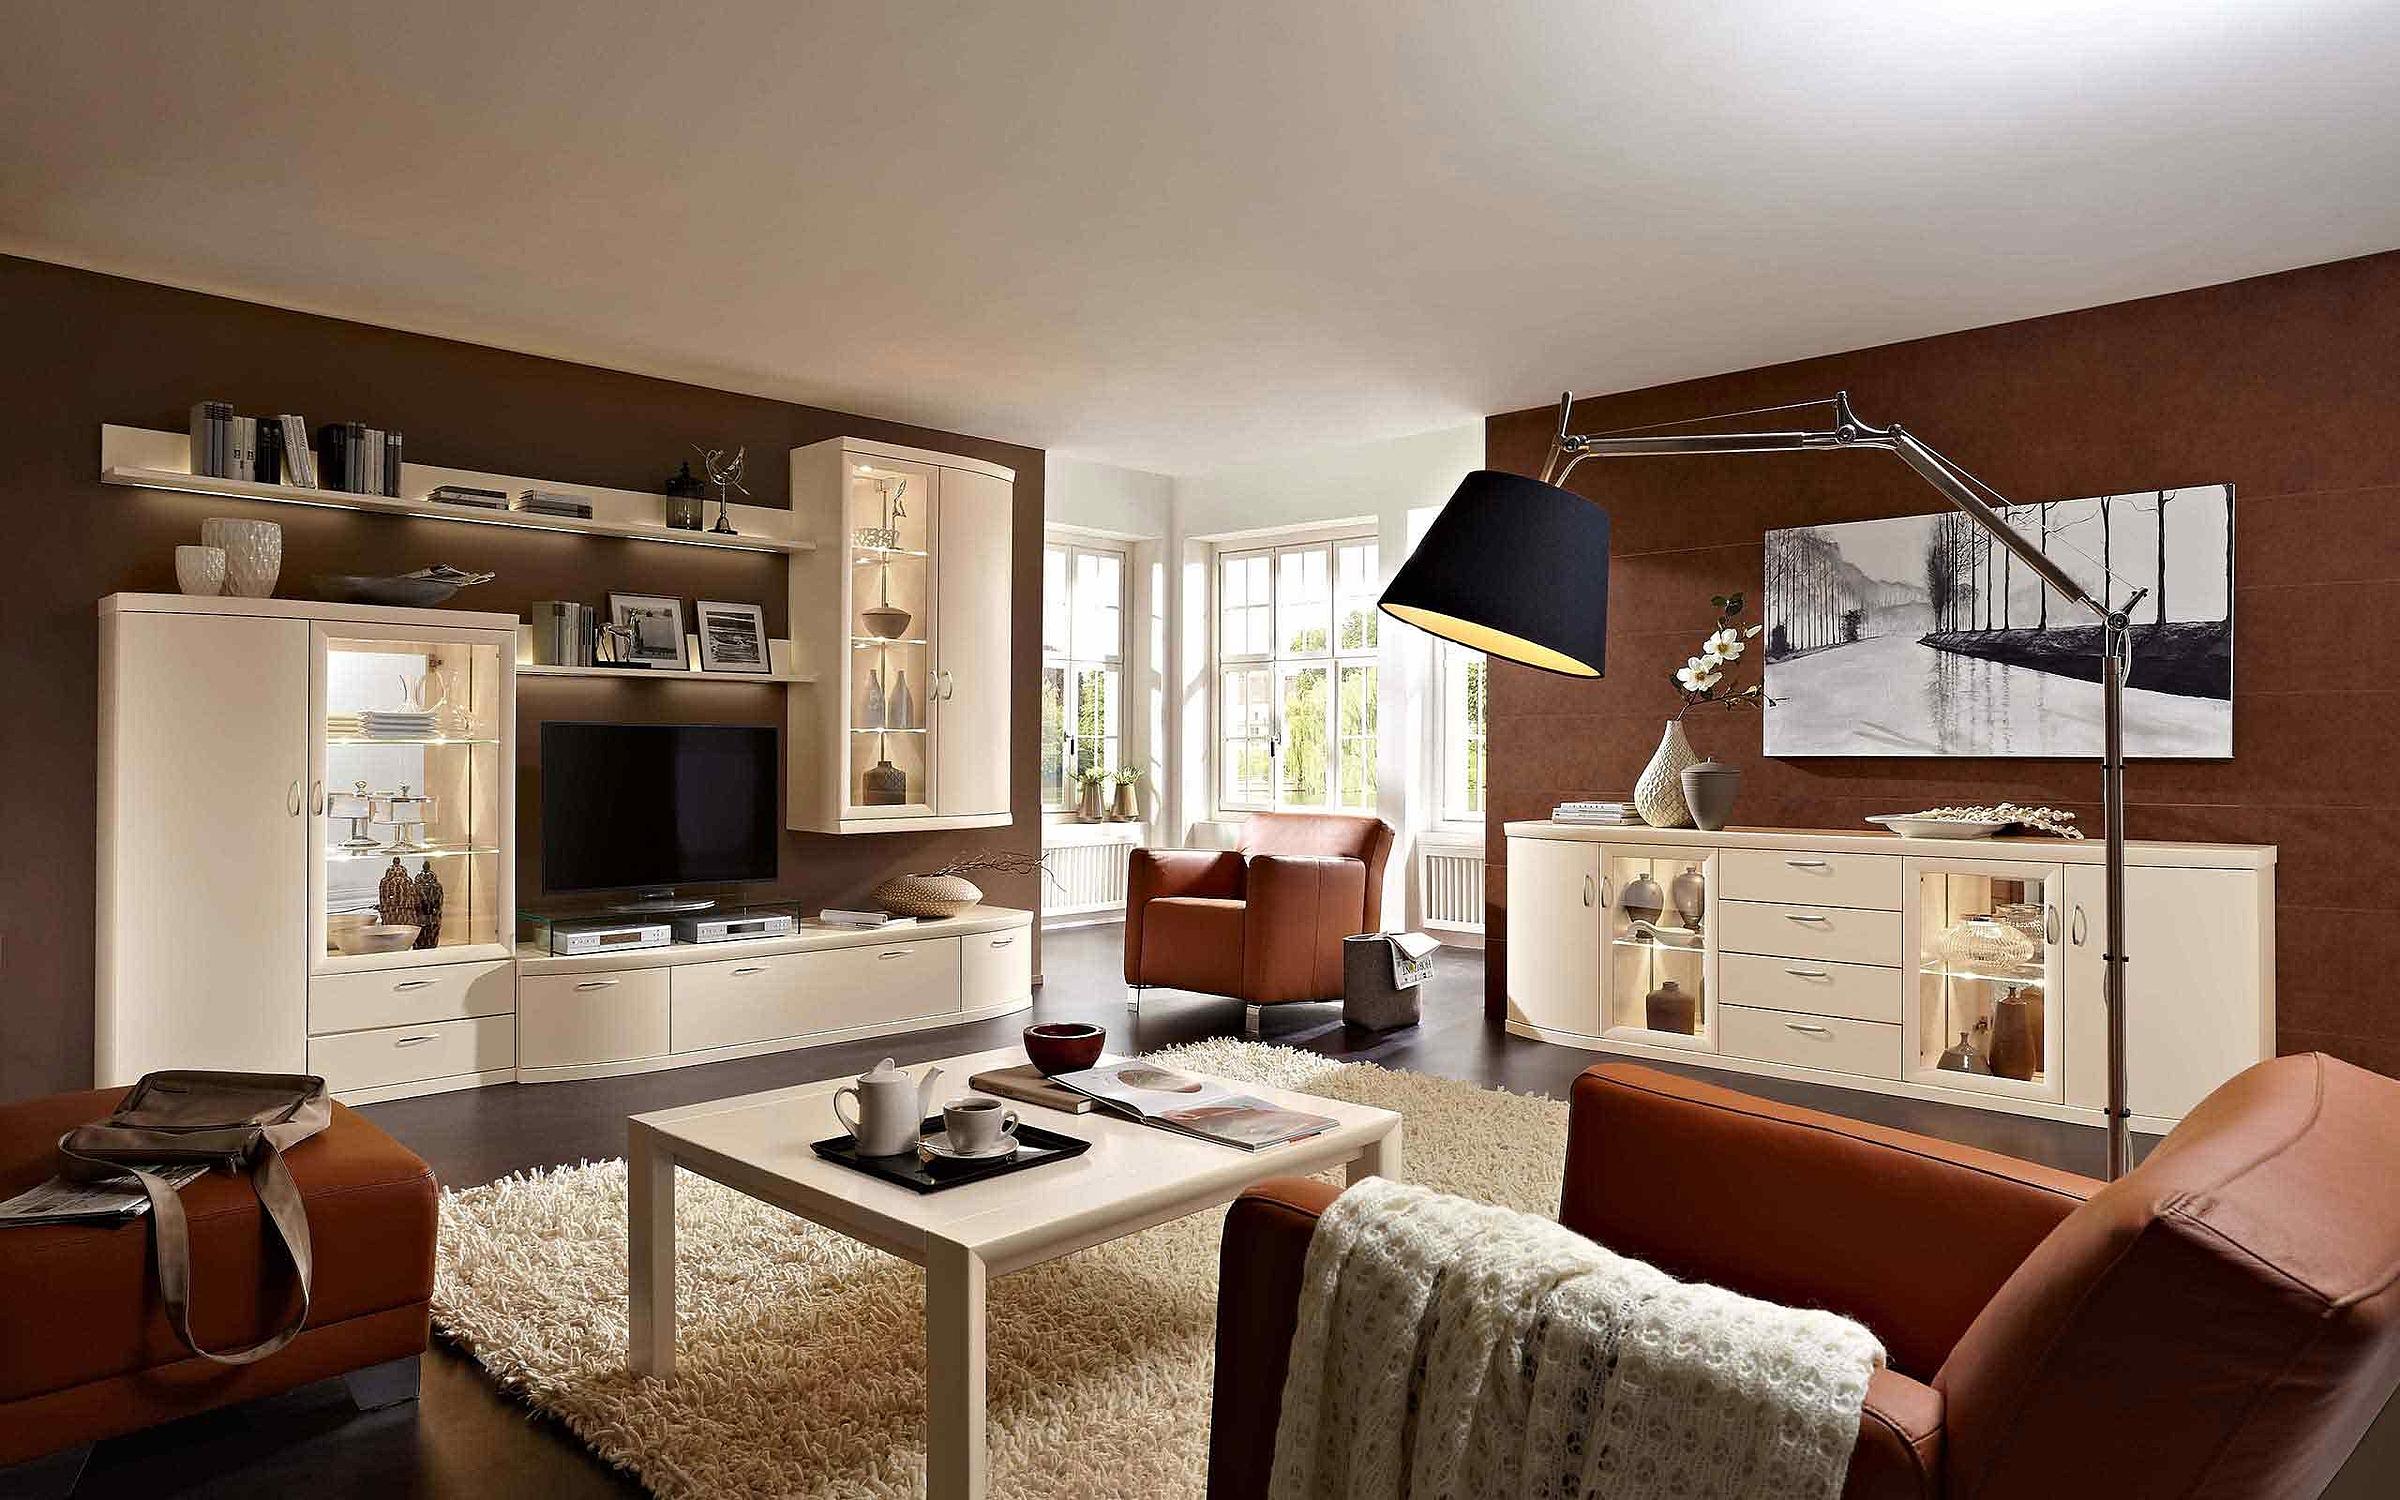 Wohnwand Sideboard Couchtisch Wohnzimmer Malta Lack crema